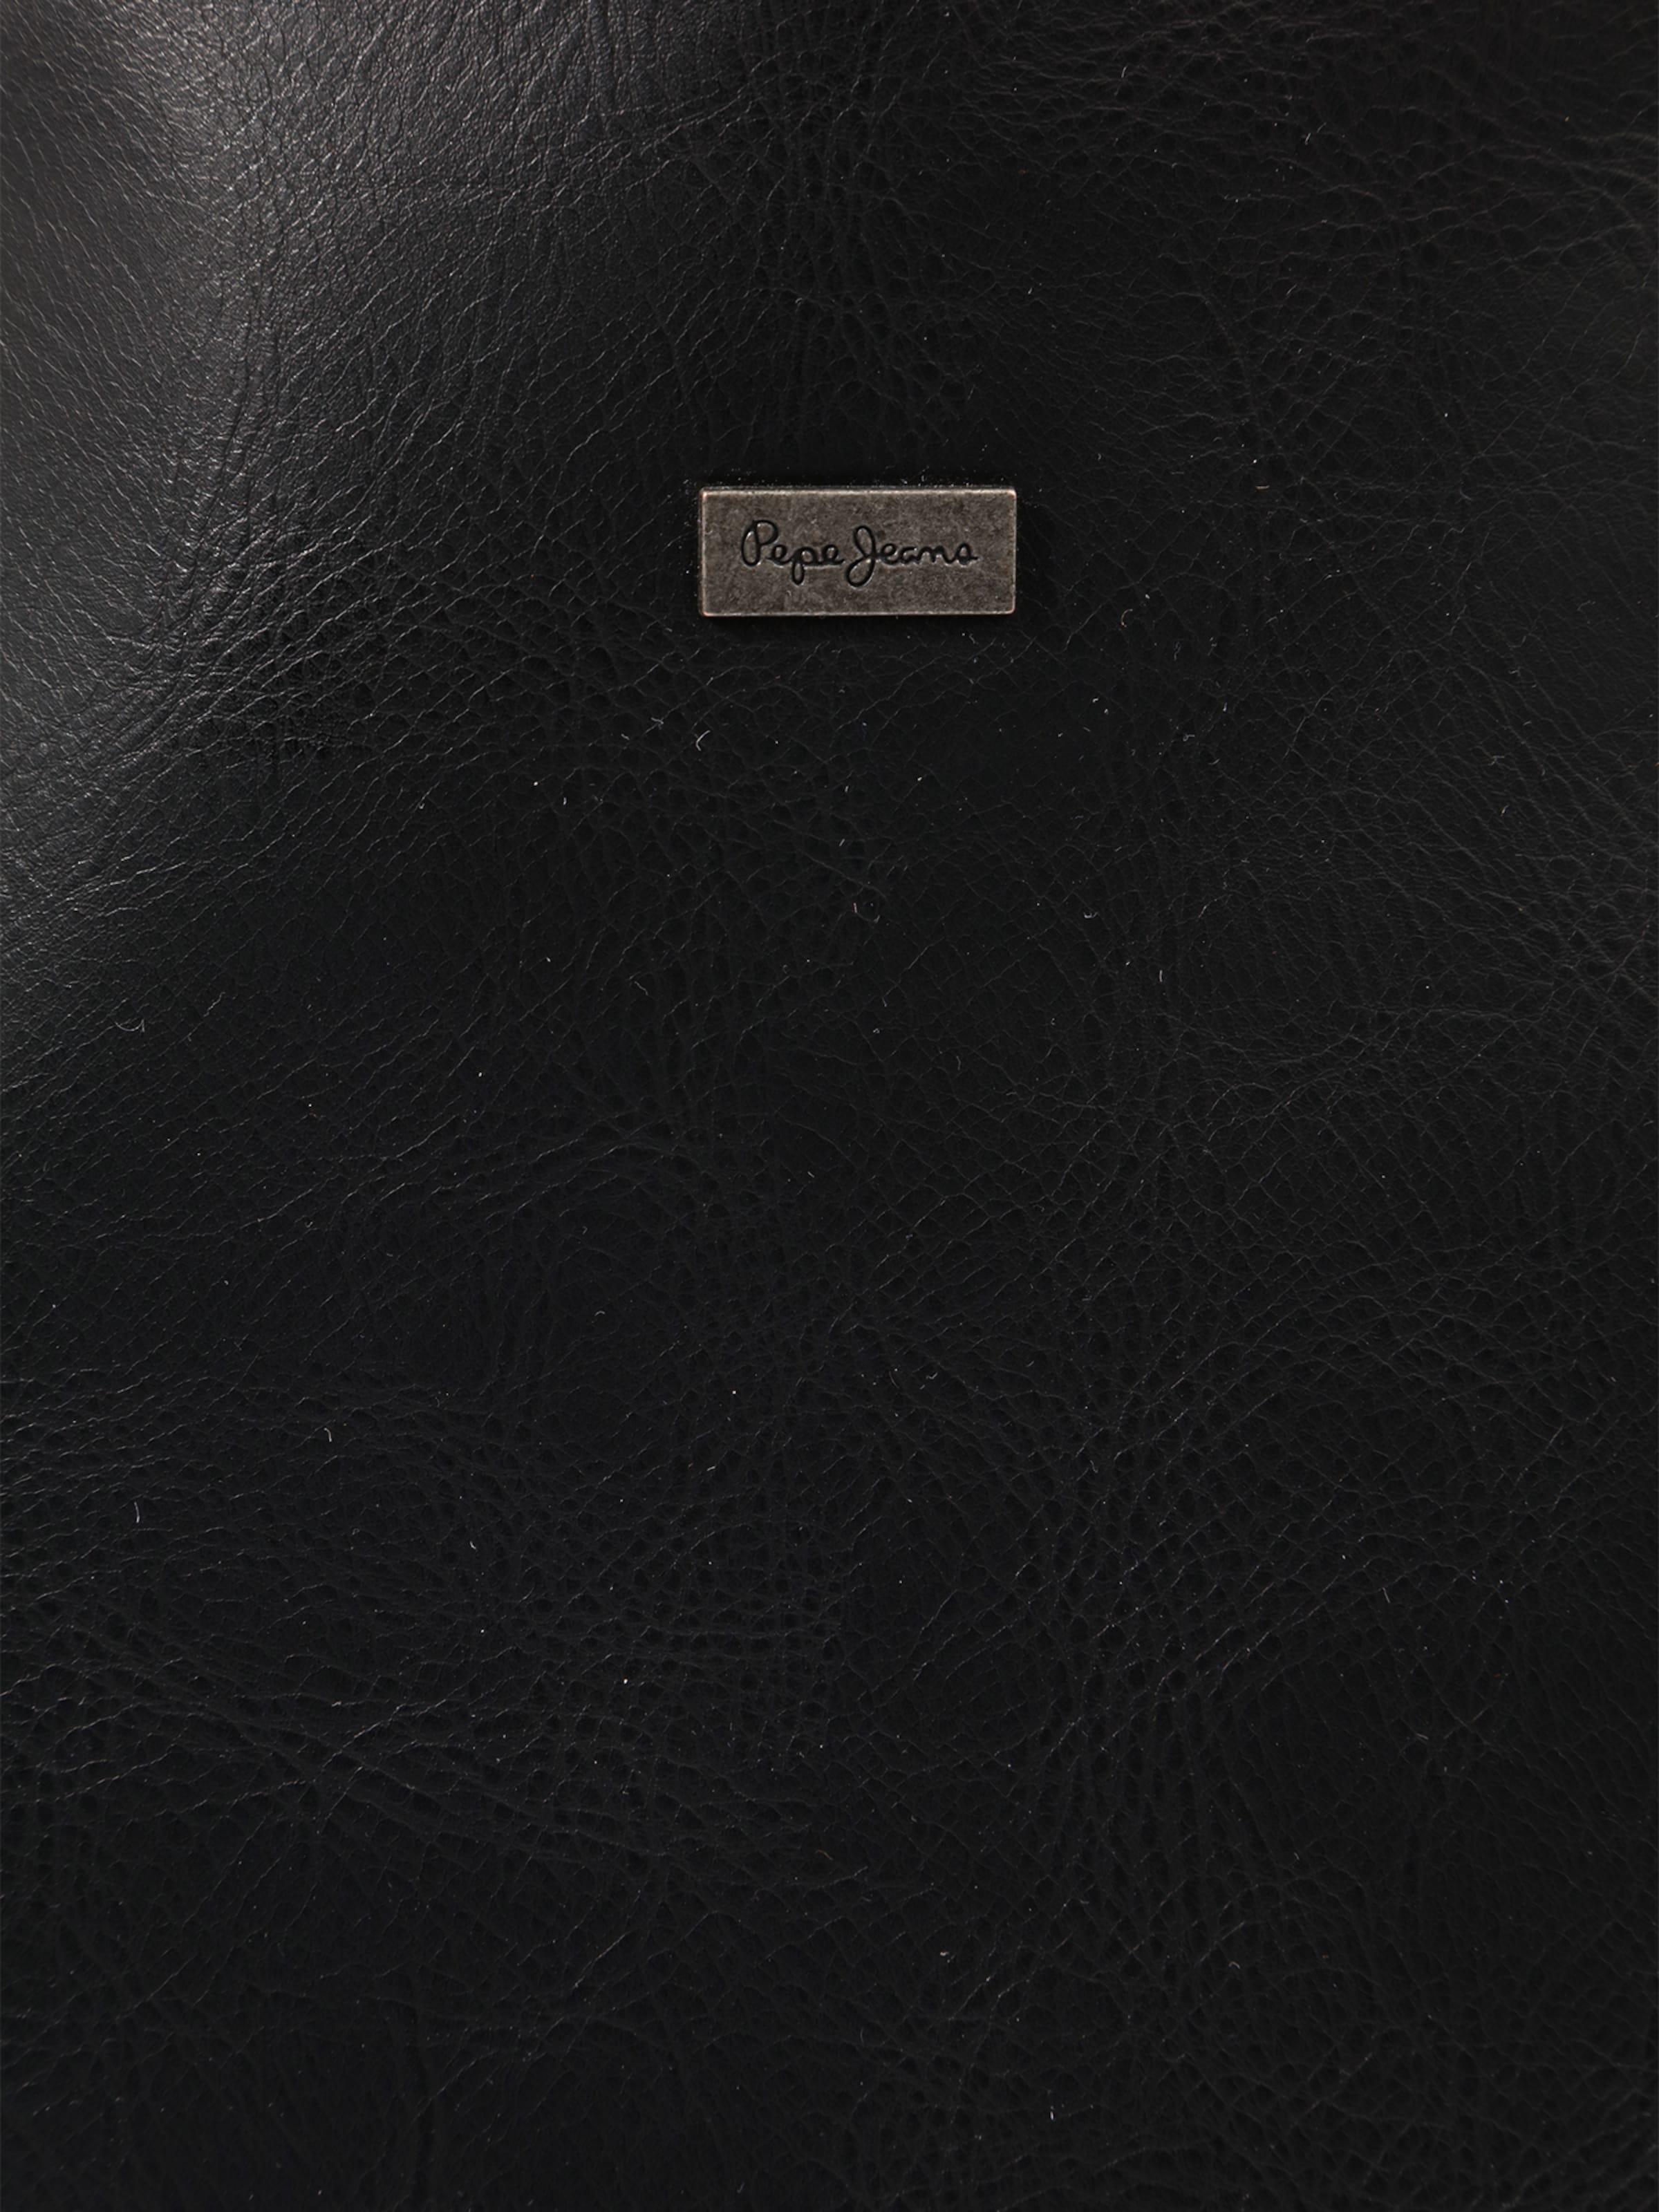 Pepe Jeans Handtasche 'ADONIS' Bester Ort Zu Kaufen Freiraum Für Verkauf Erschwinglicher Verkauf Online Rabatt Shop-Angebot Spielraum Online Offizielle Seite sAJWd